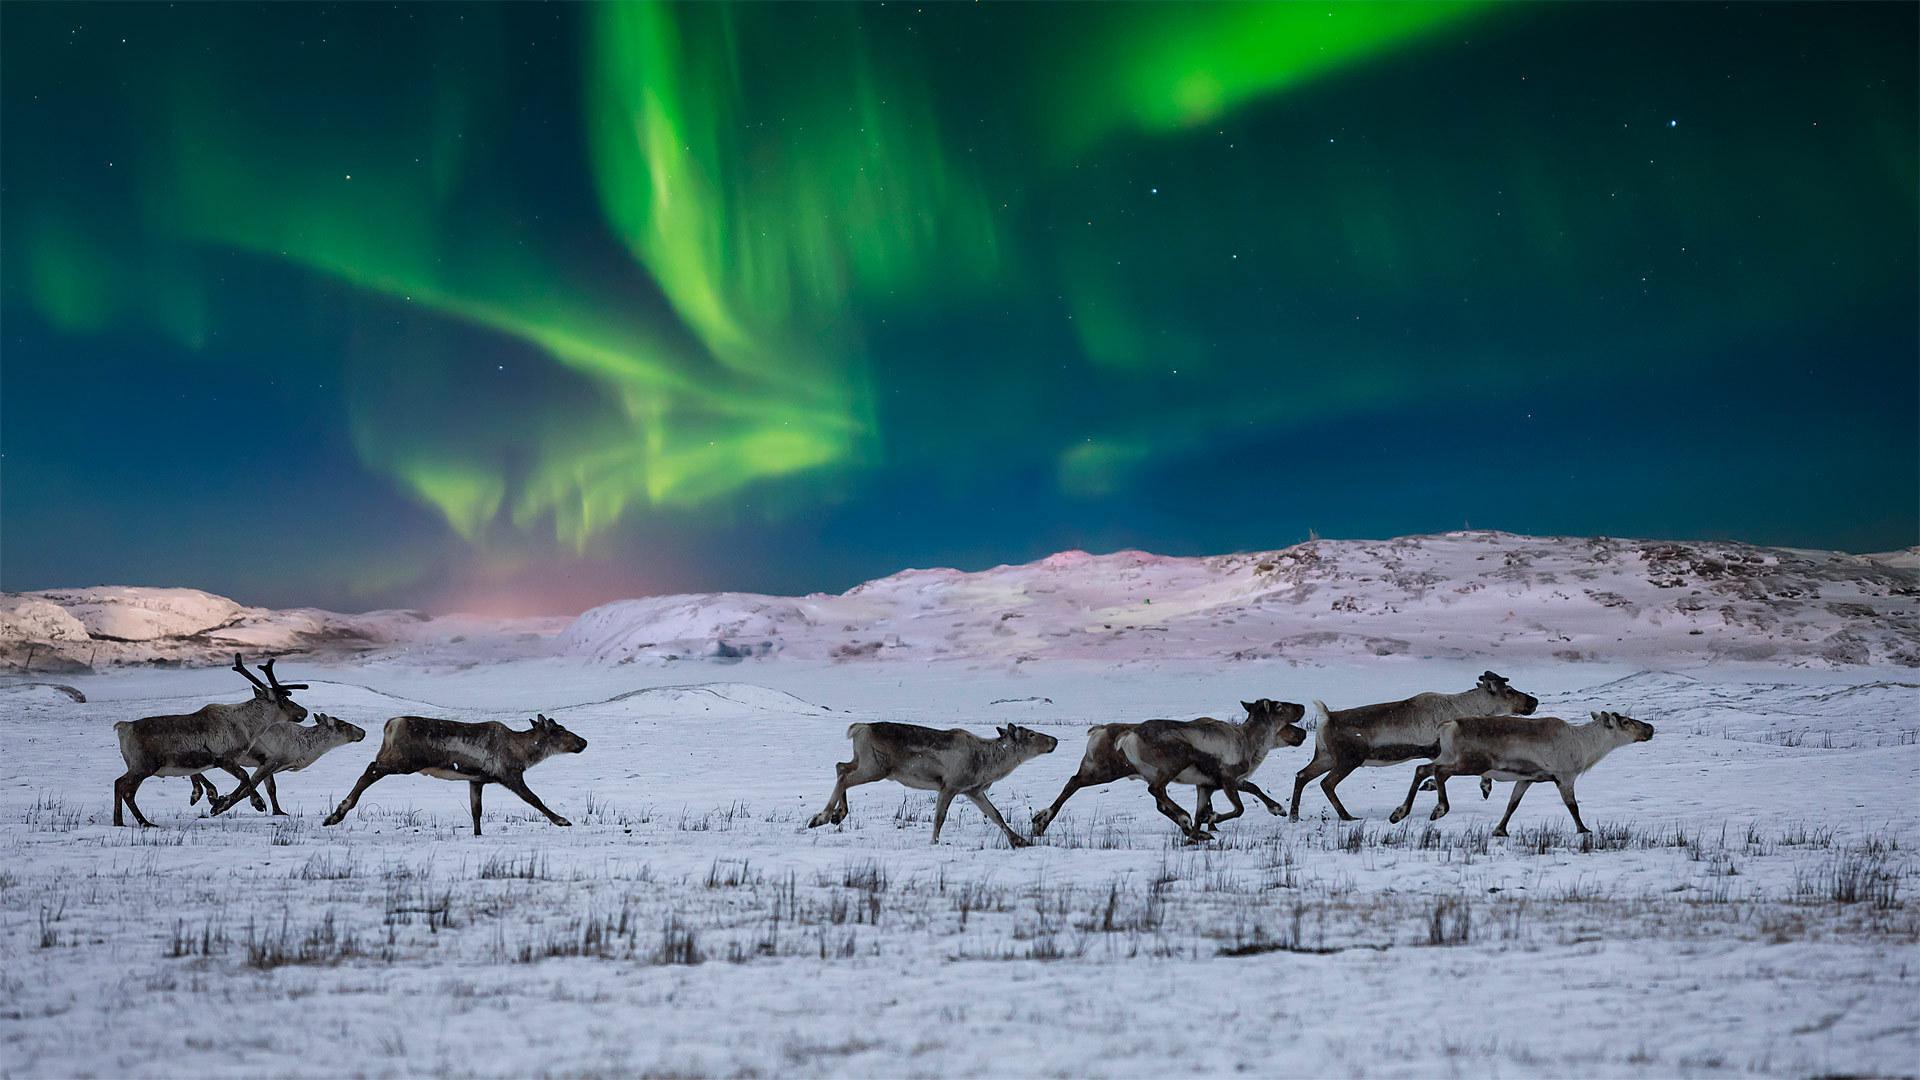 挪威苔原上的北极光和野生驯鹿 挪威苔原